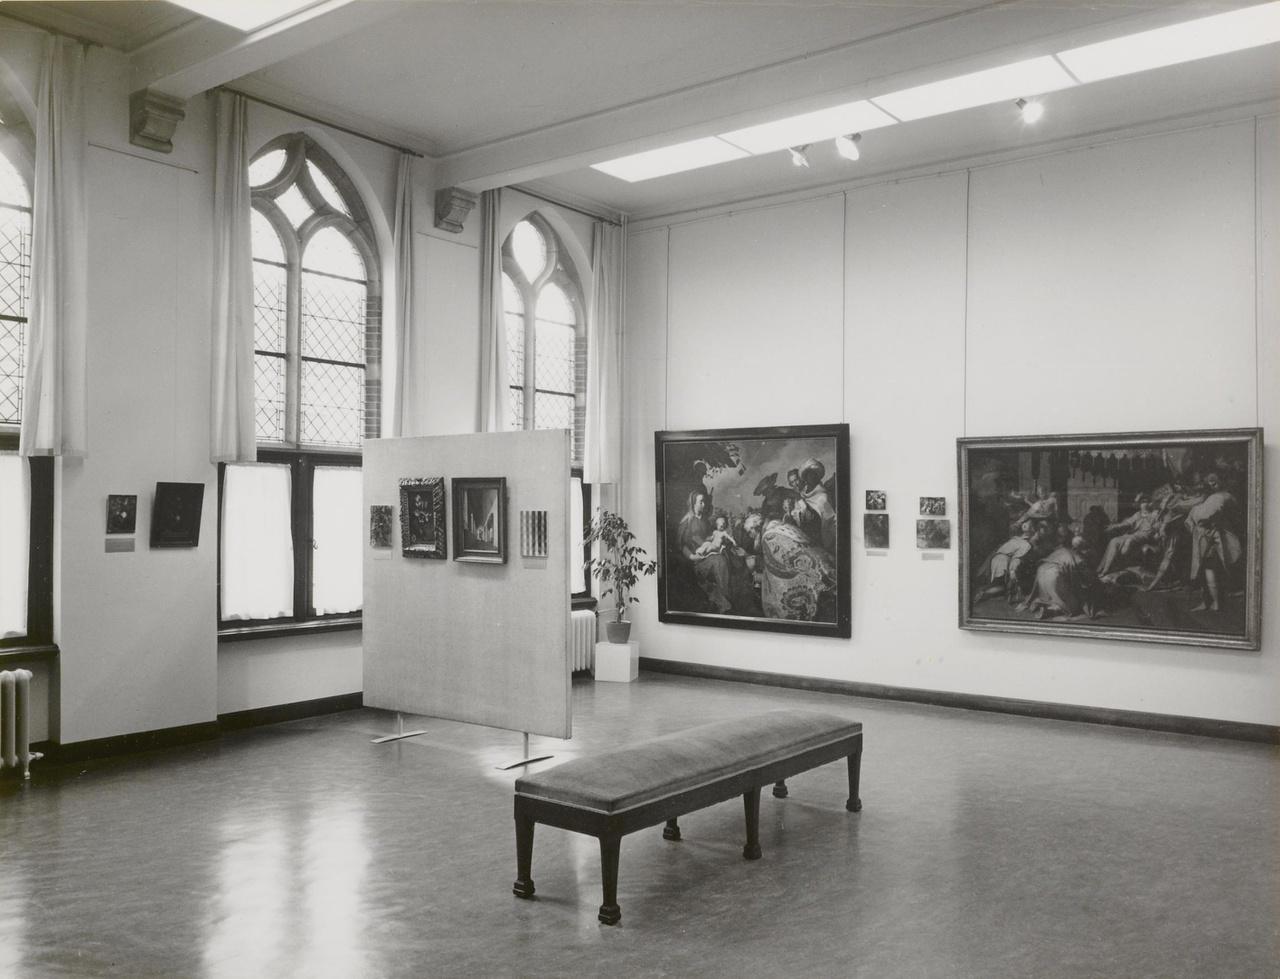 Röntgenonderzoek van de oude schilderijen